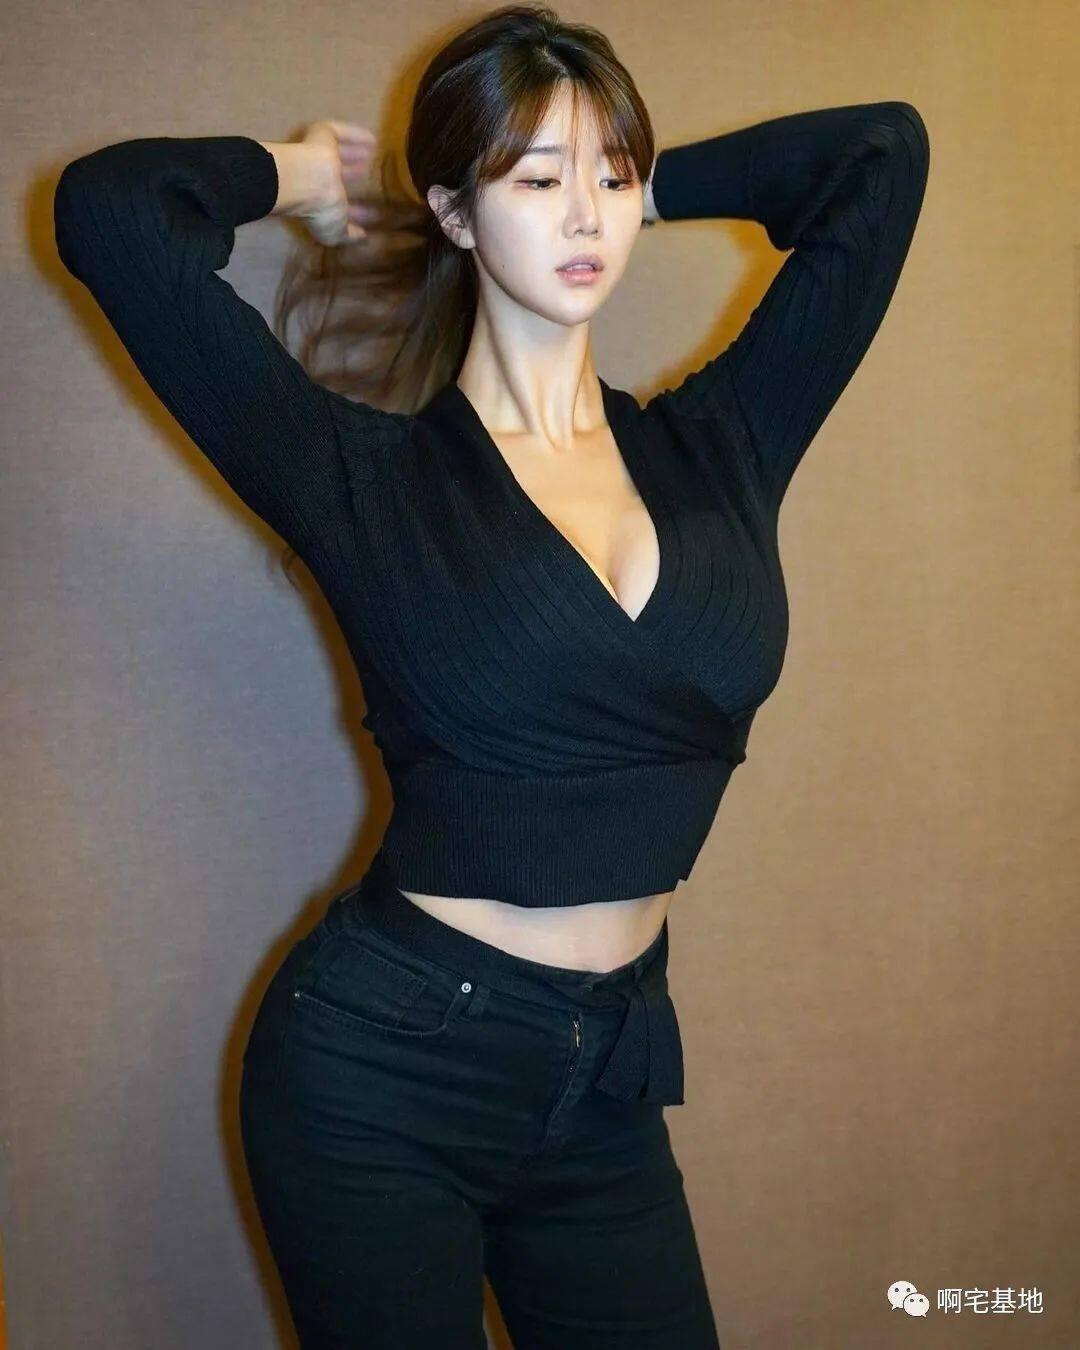 [微博福利]175cm的韩国大凶妹子4